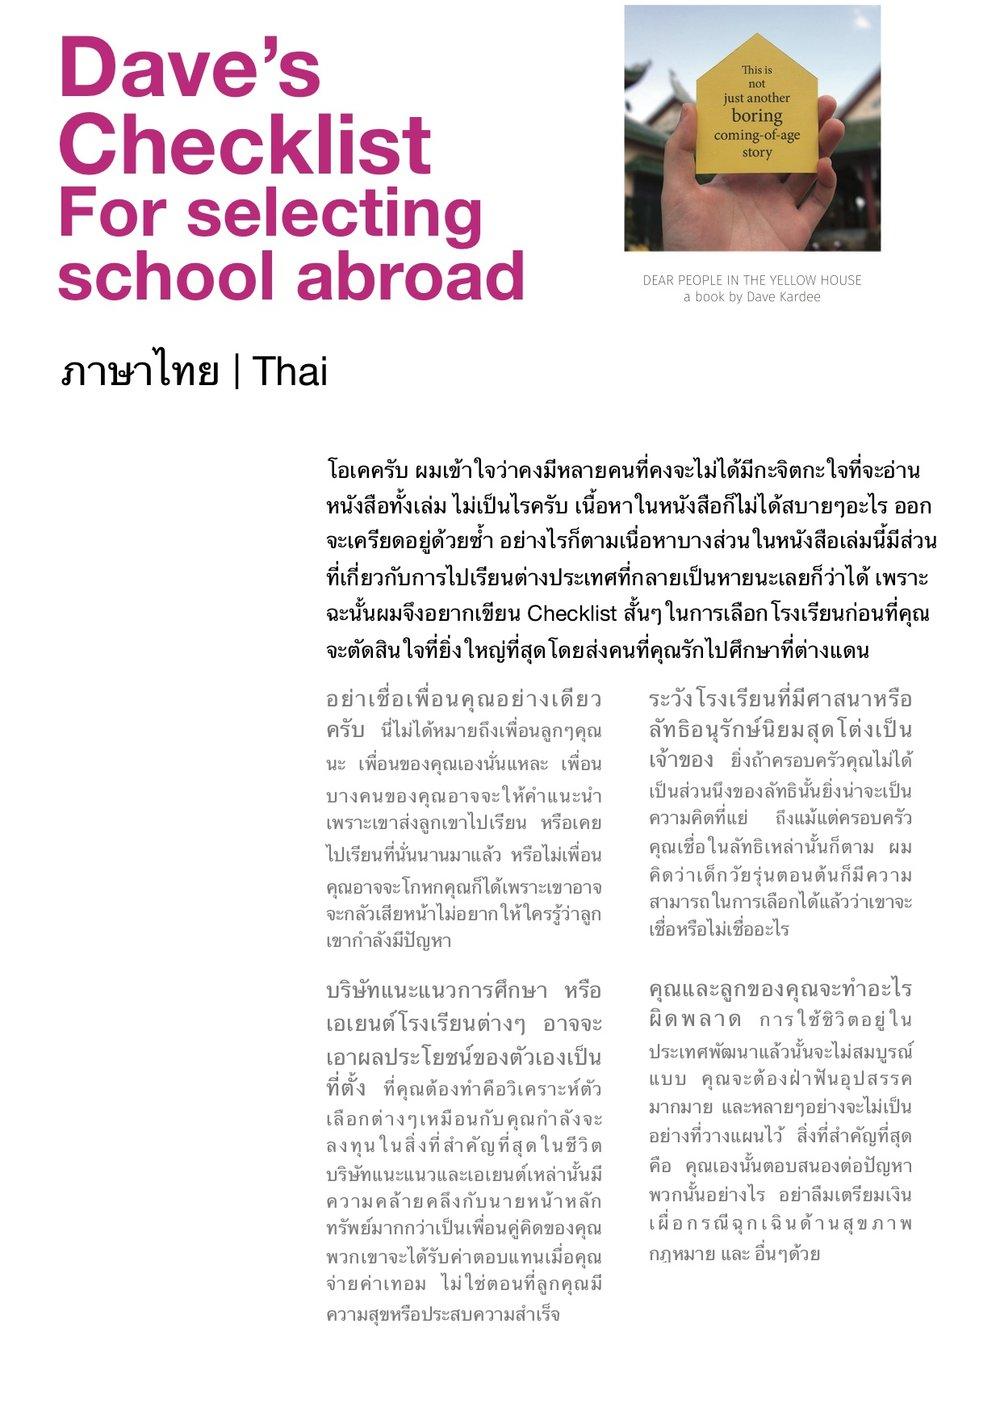 CHECKLIST 180618 Thai1.jpg